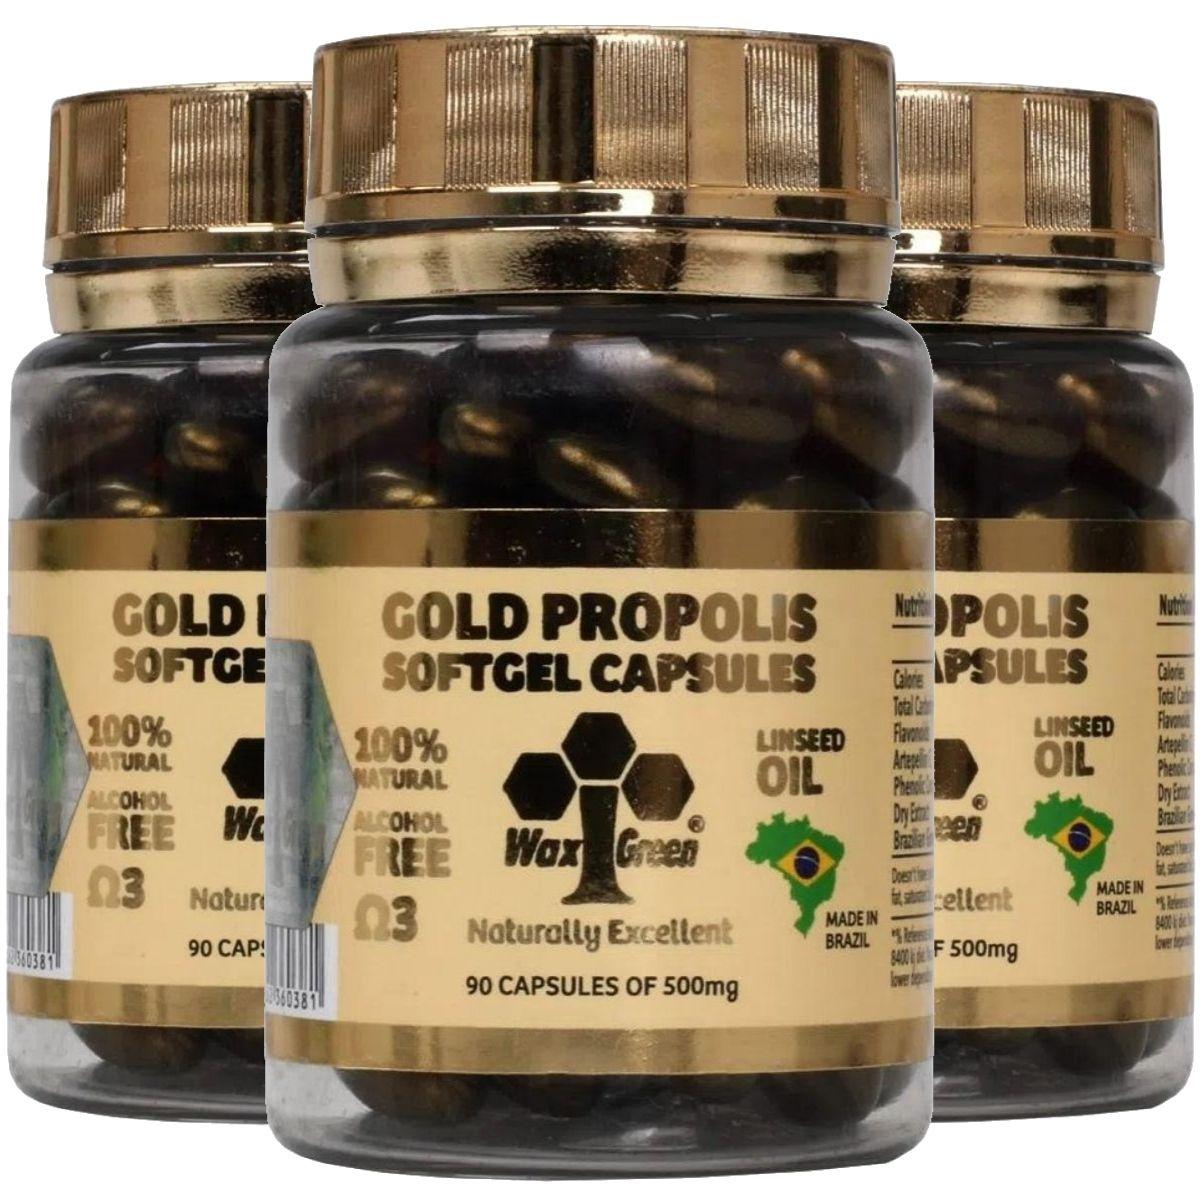 Kit 3 Própolis Verde Gold 87% C/ Ômega 3 90 cápsulas 500mg - Wax Green